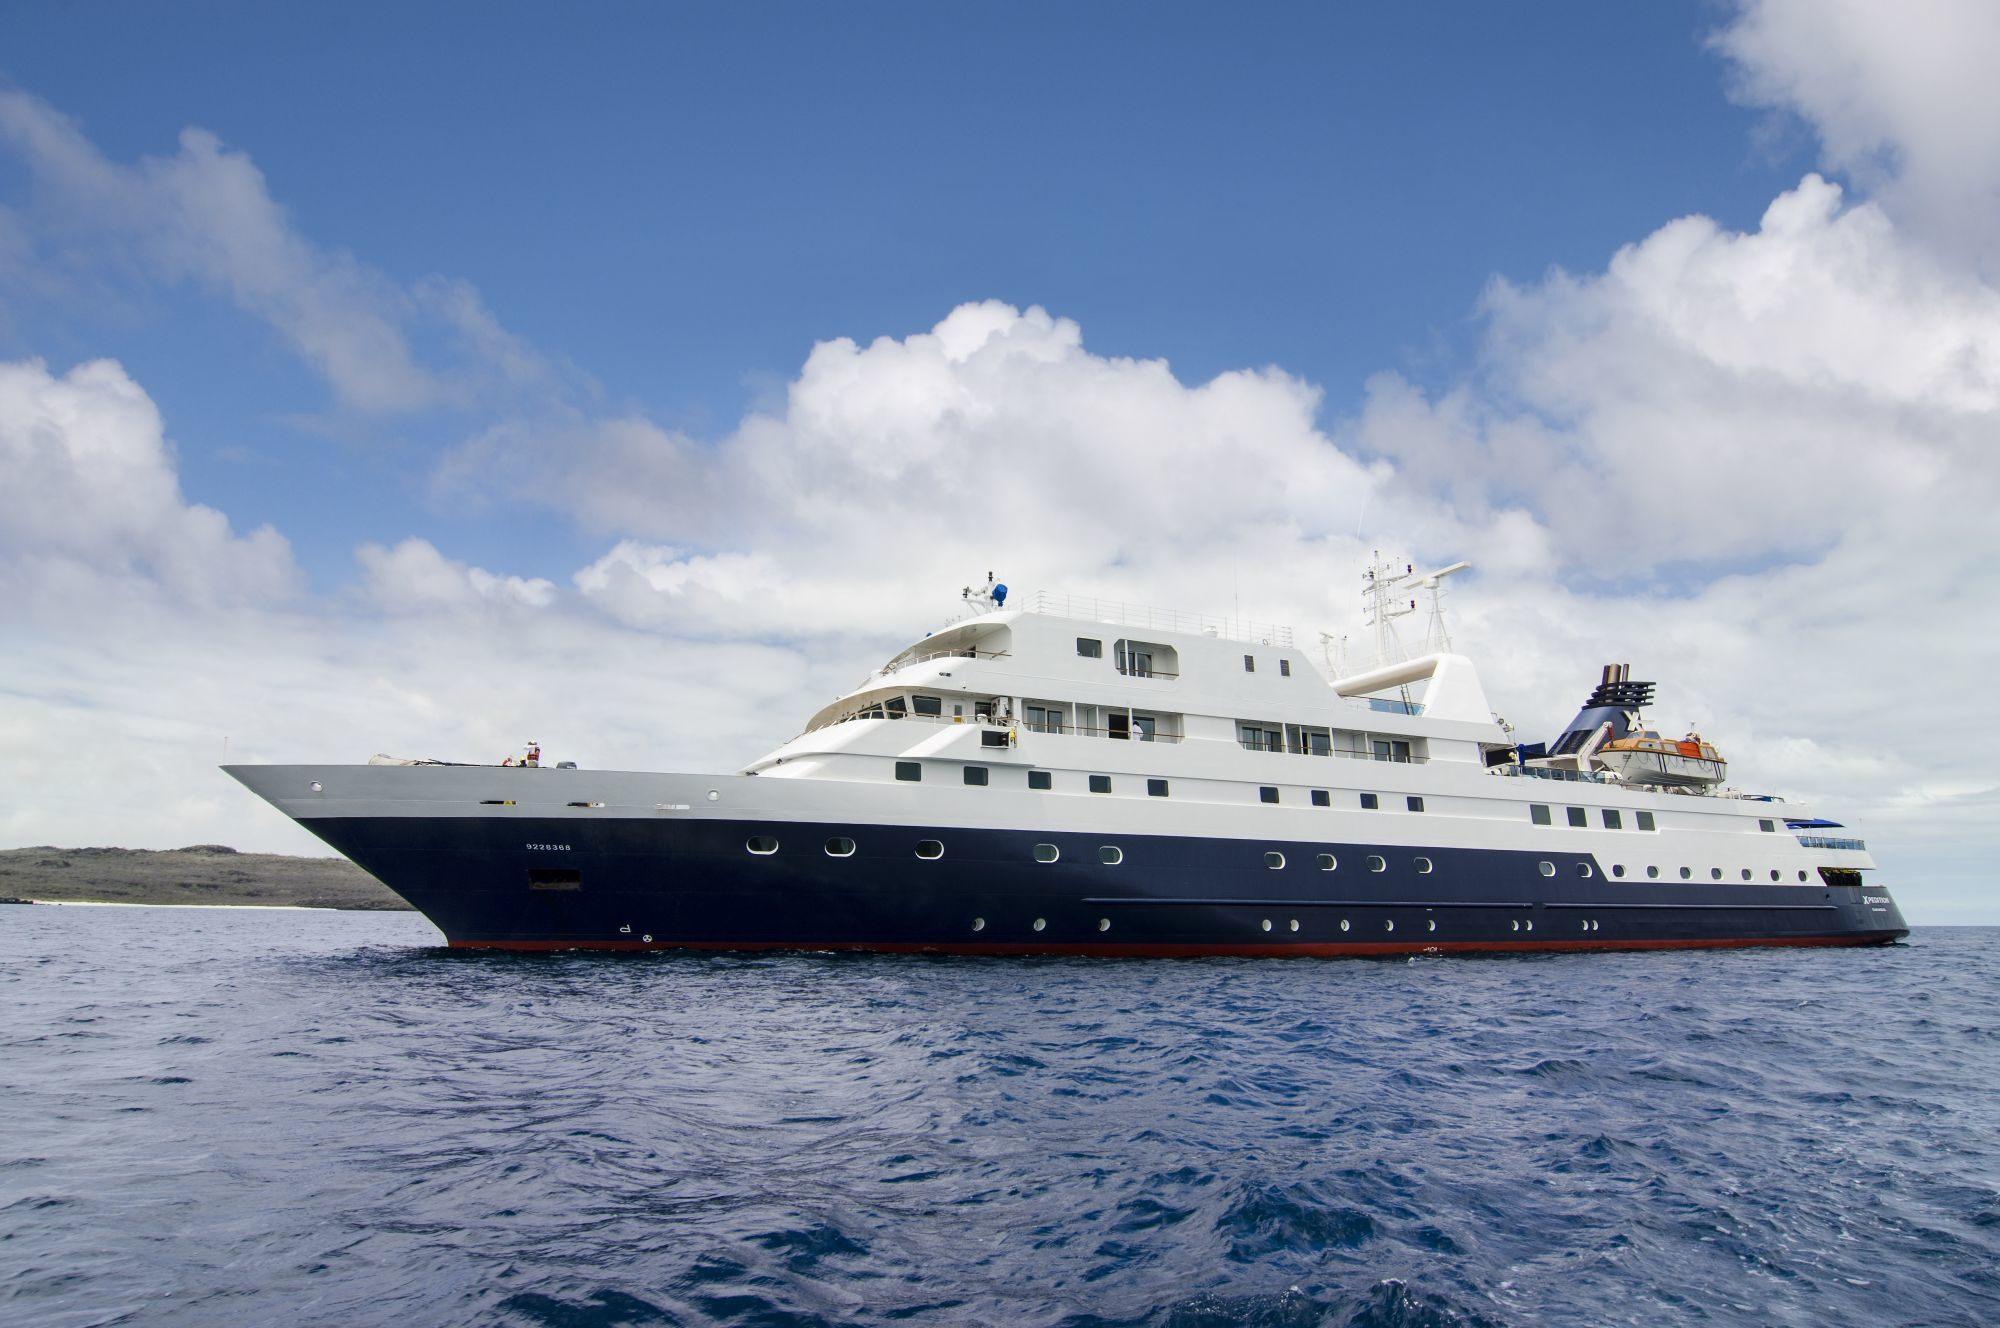 Благодаря реновации, знаменитый Celebrity Xpedition, курсирующий по Галапагосским островам стал еще лучше